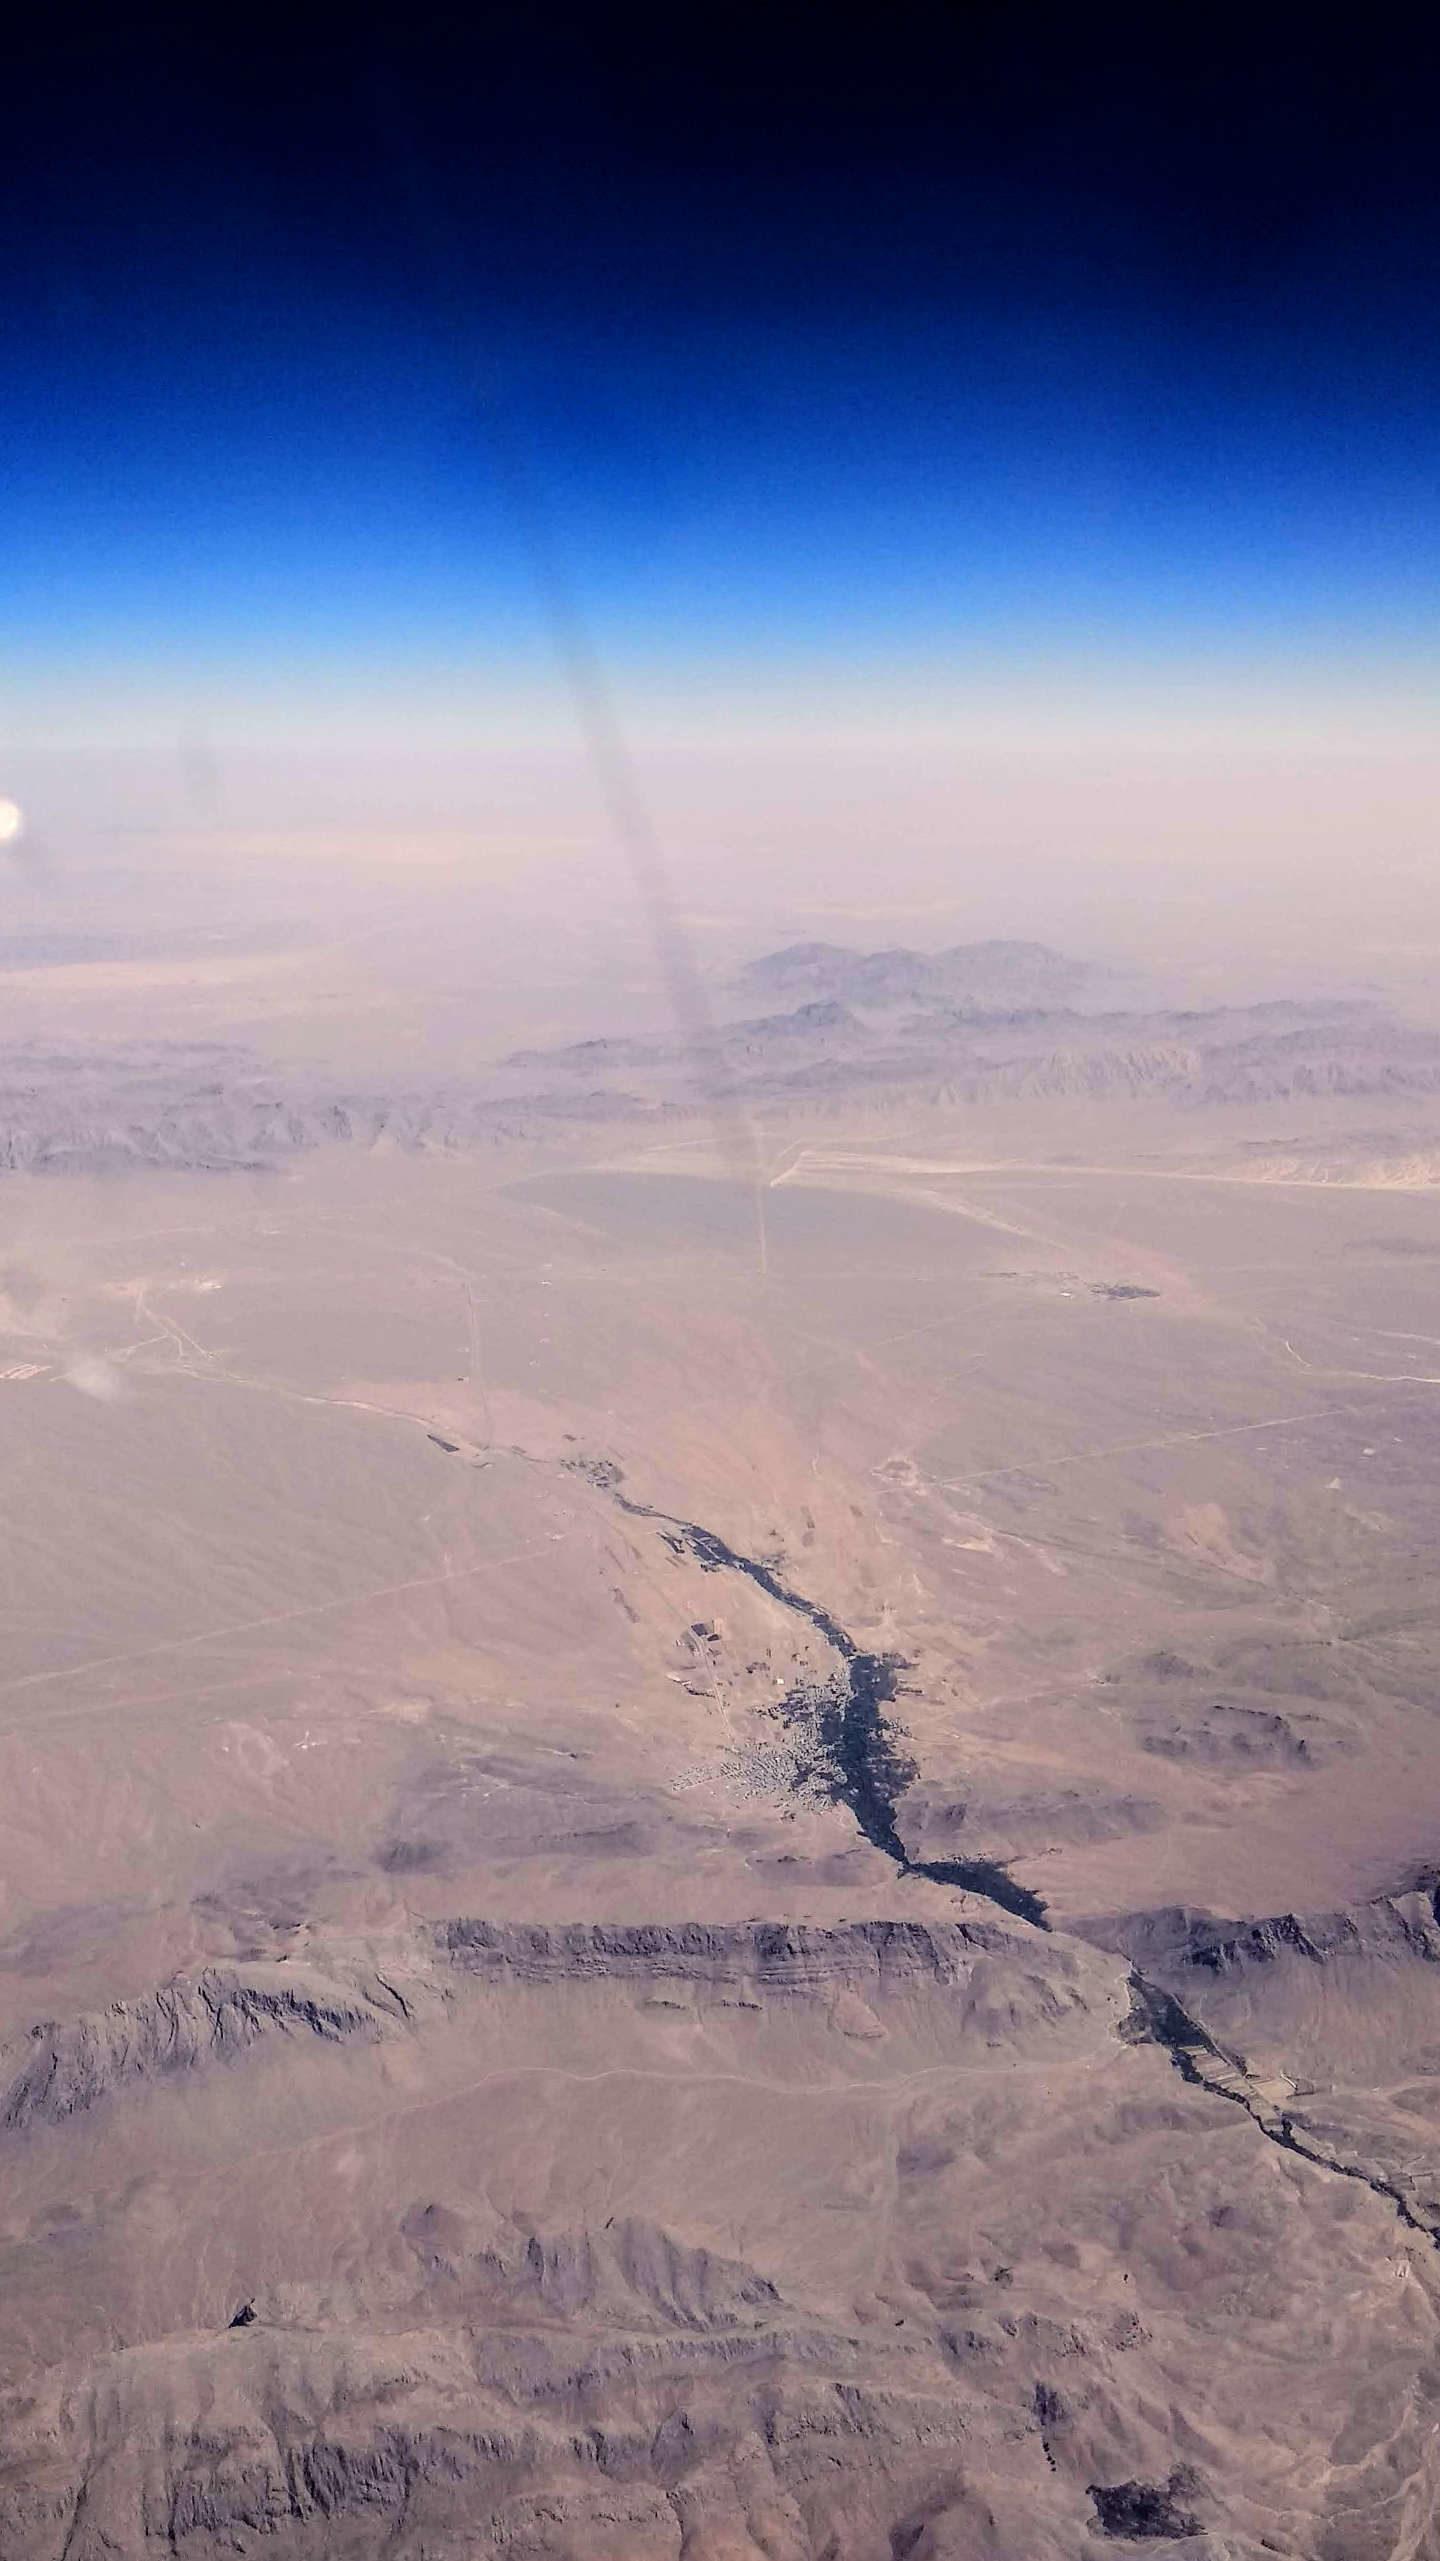 Pohled na poušť z letadla